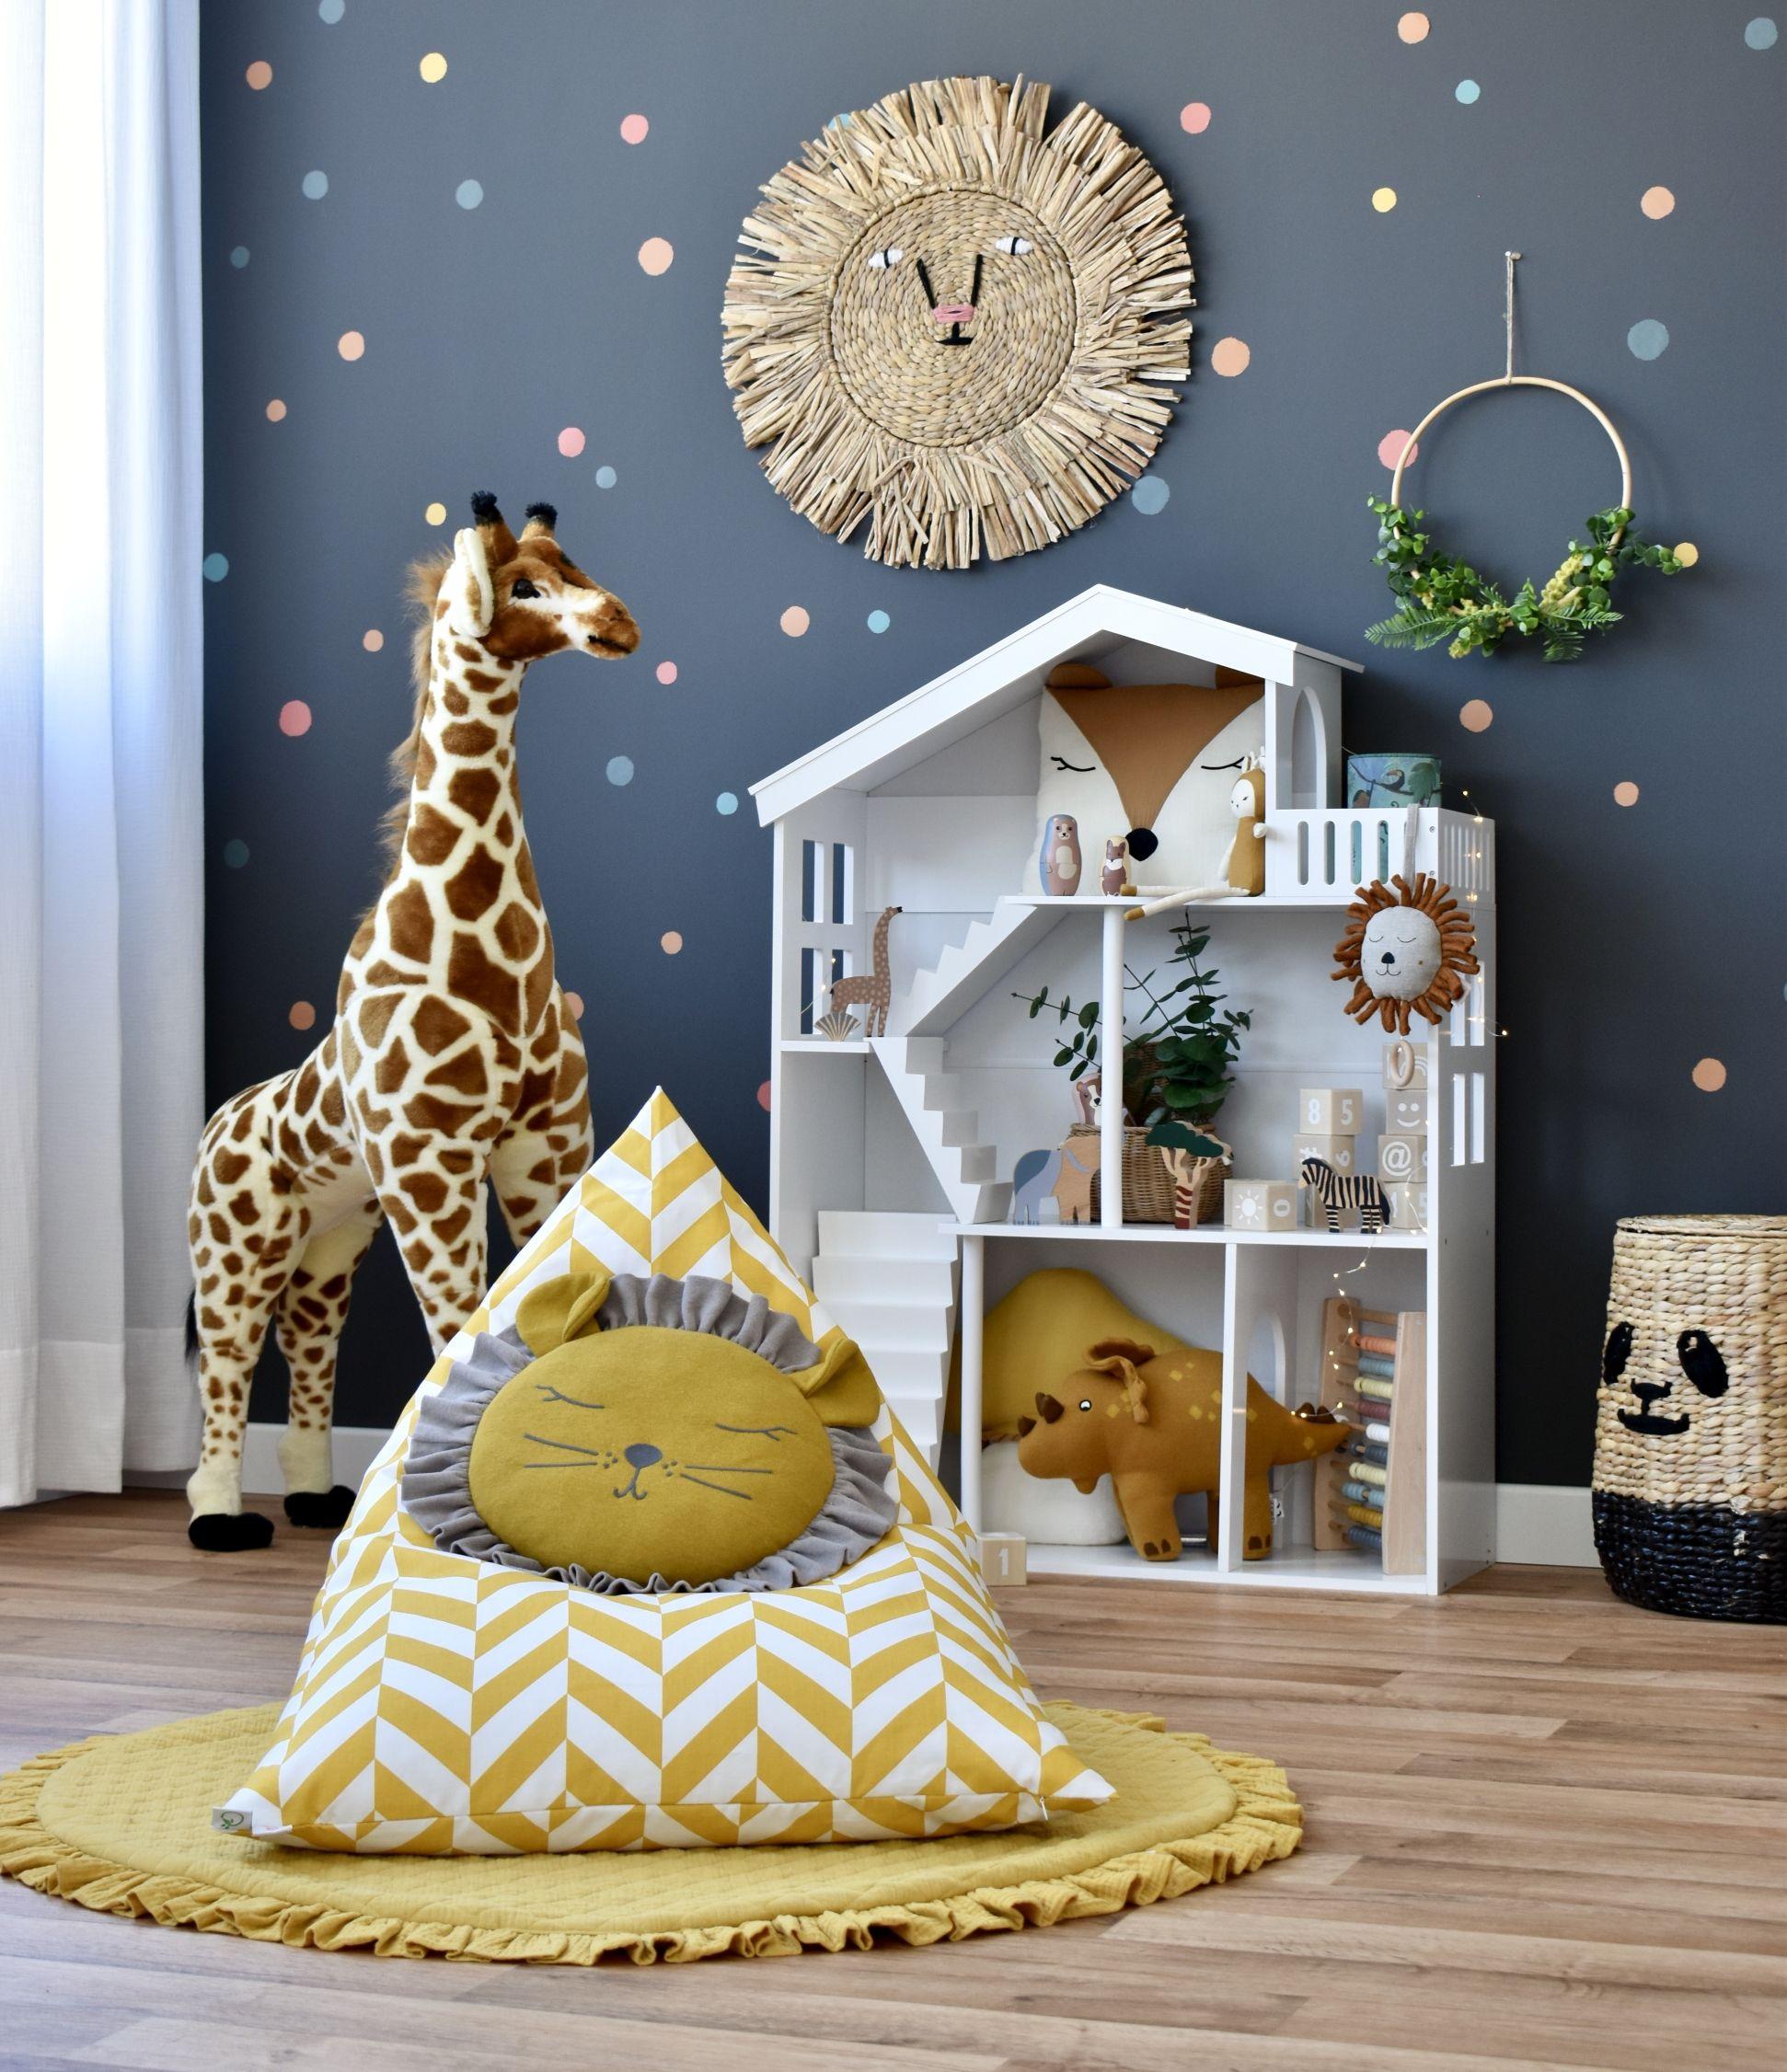 Spielzimmer mit Puppenhaus Regal & Tieren bei Fantasyroom online kaufen